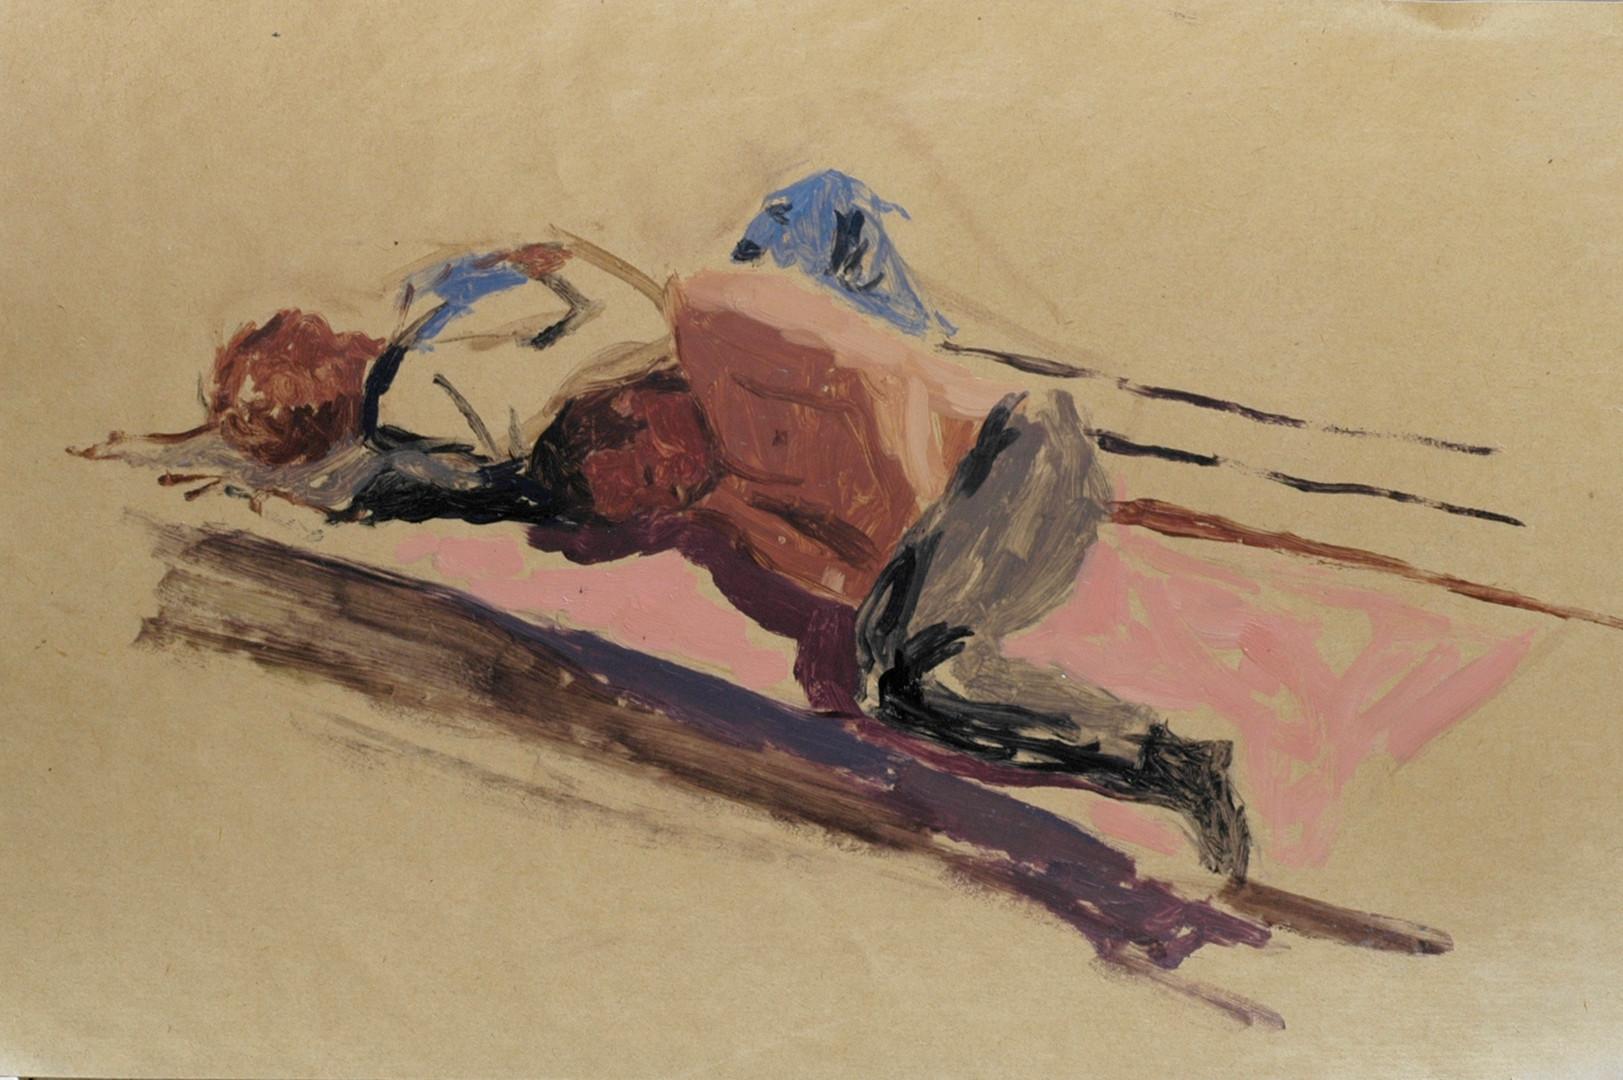 Les ivrogneshuile sur papier, 30x40cm, 2010